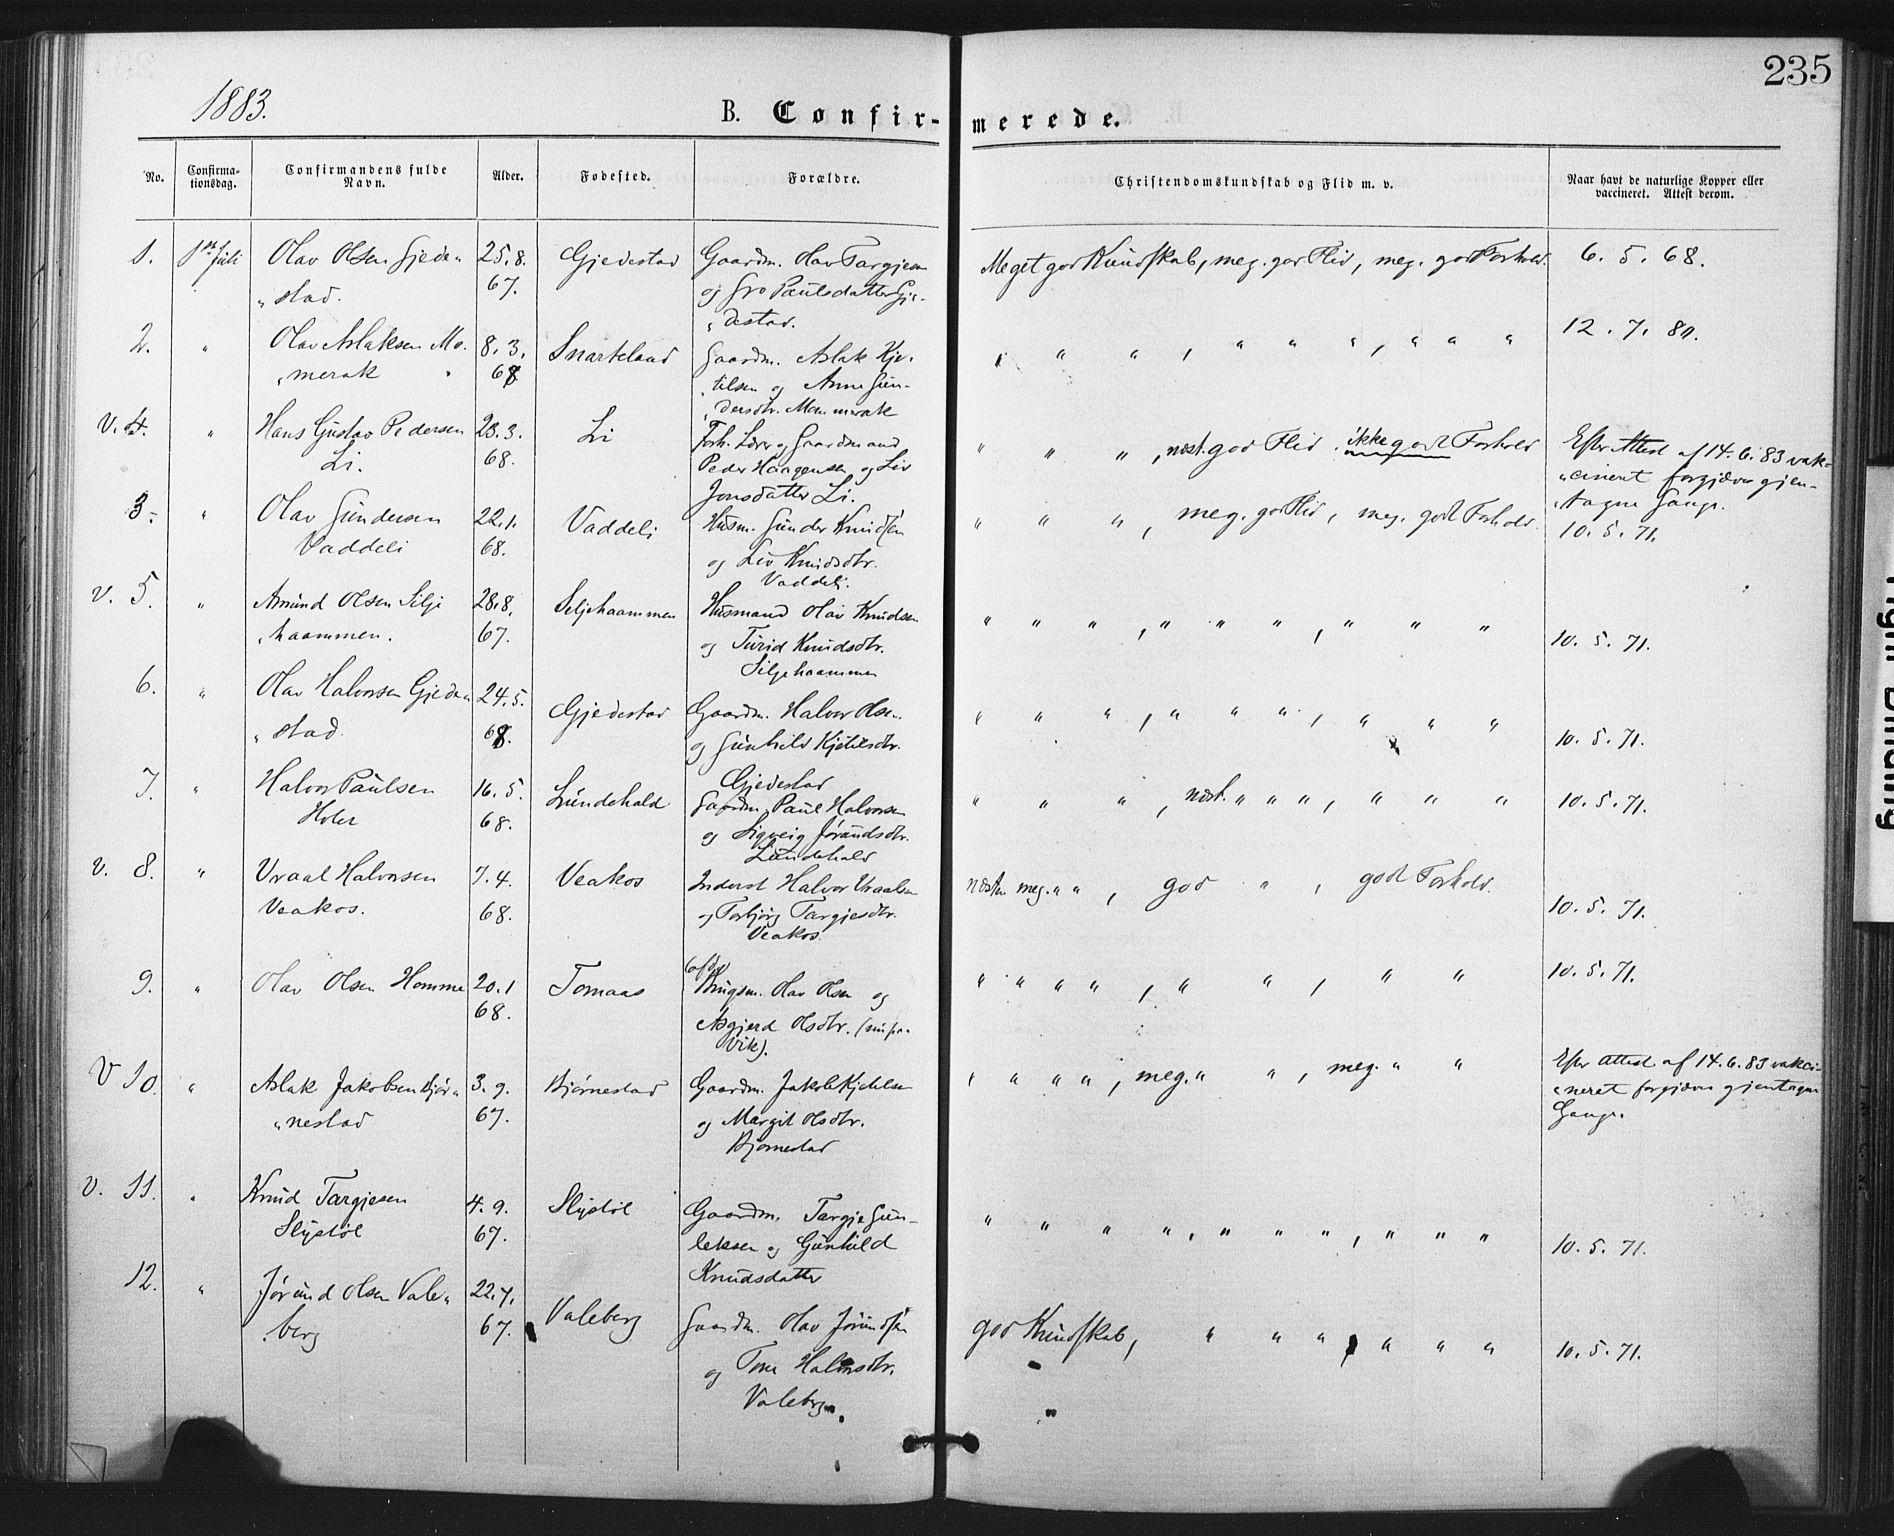 SAKO, Fyresdal kirkebøker, F/Fa/L0006: Ministerialbok nr. I 6, 1872-1886, s. 235